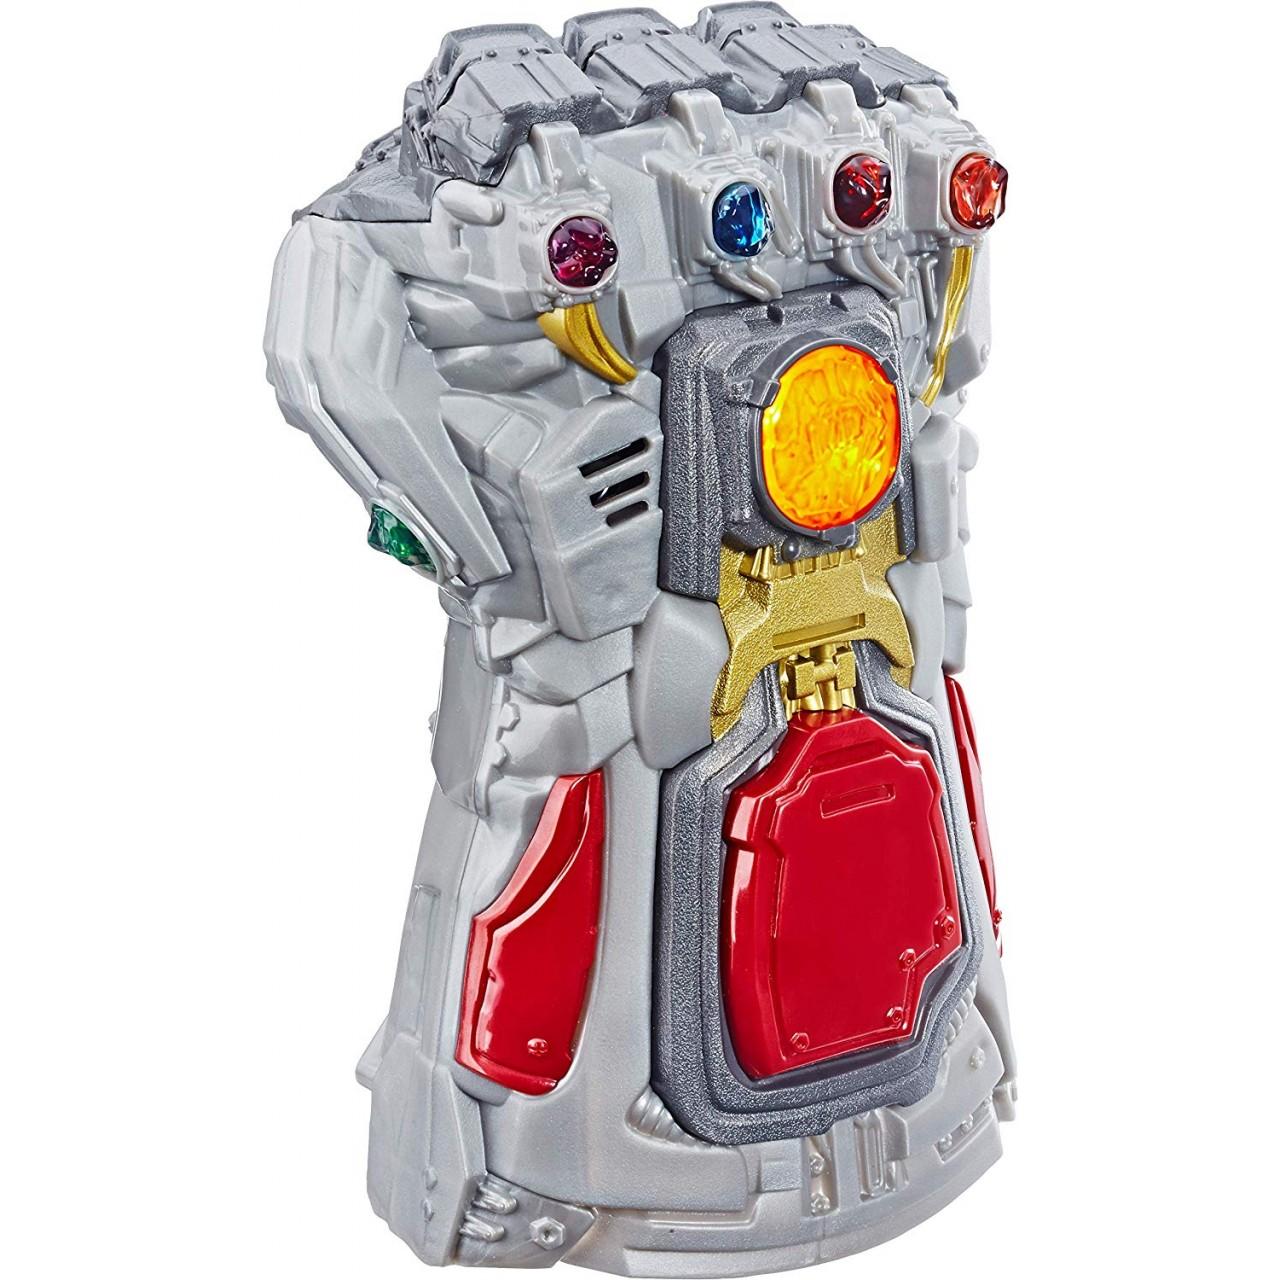 """Интерактивная Перчатка-рука Бесконечности Таноса E3385 """"Мстители: Завершение"""" от Hasbro"""